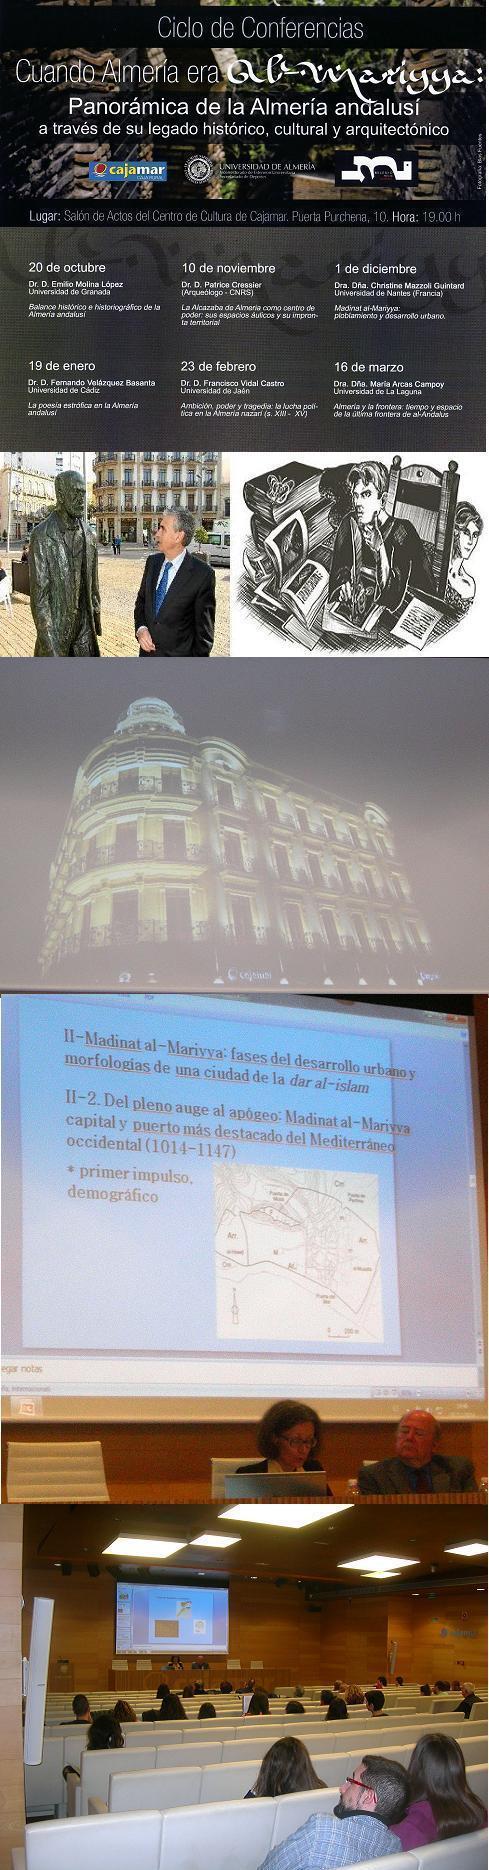 20141201230209-ciclo-de-conferencias-ual-milenio1-12-14.jpg